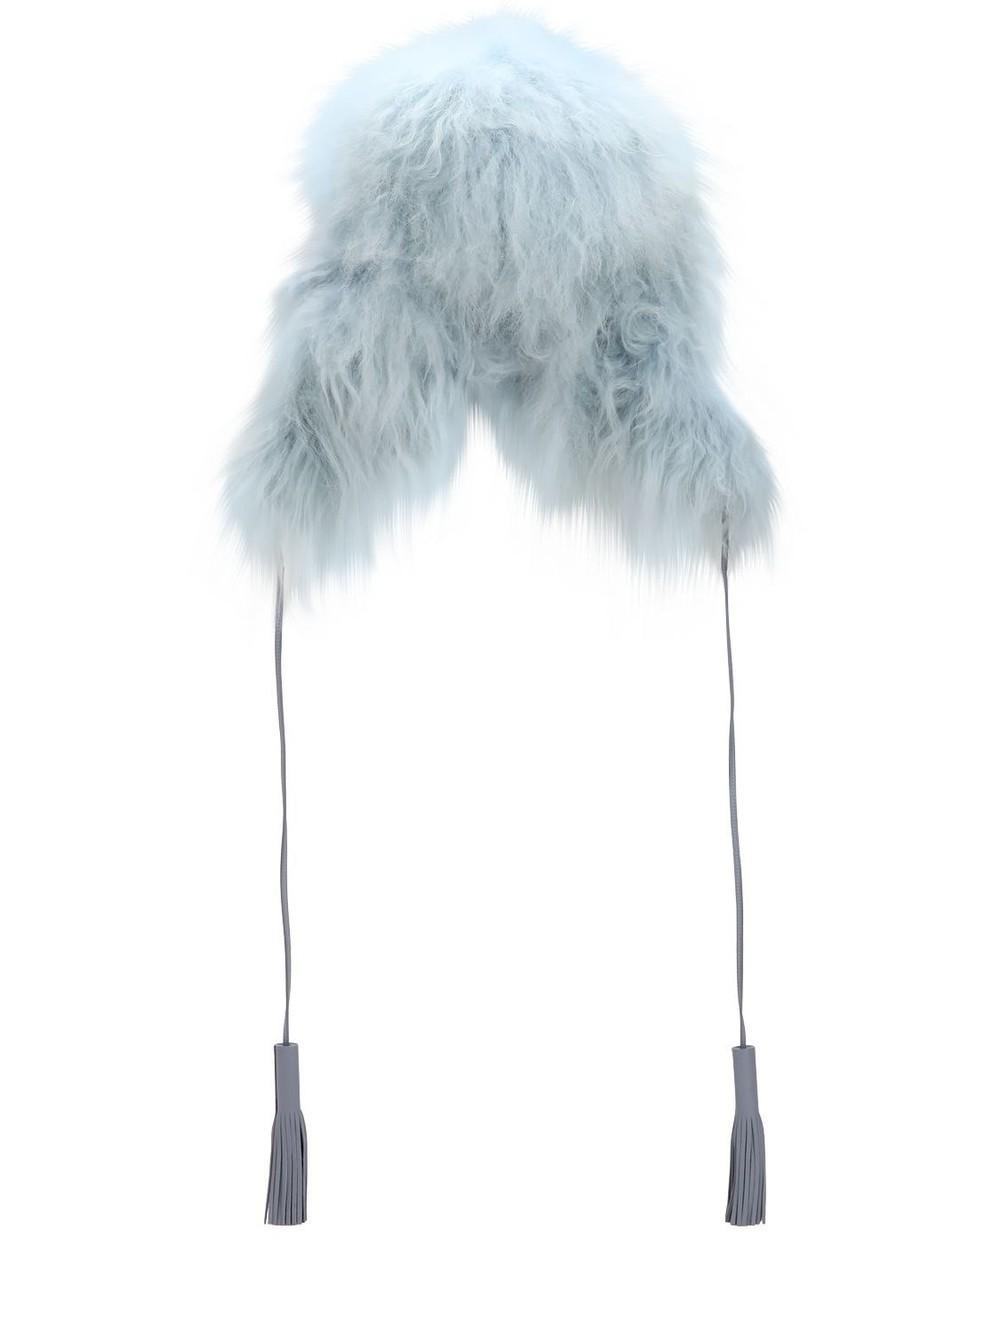 SONIA RYKIEL Chapka Long Fur Hat in blue